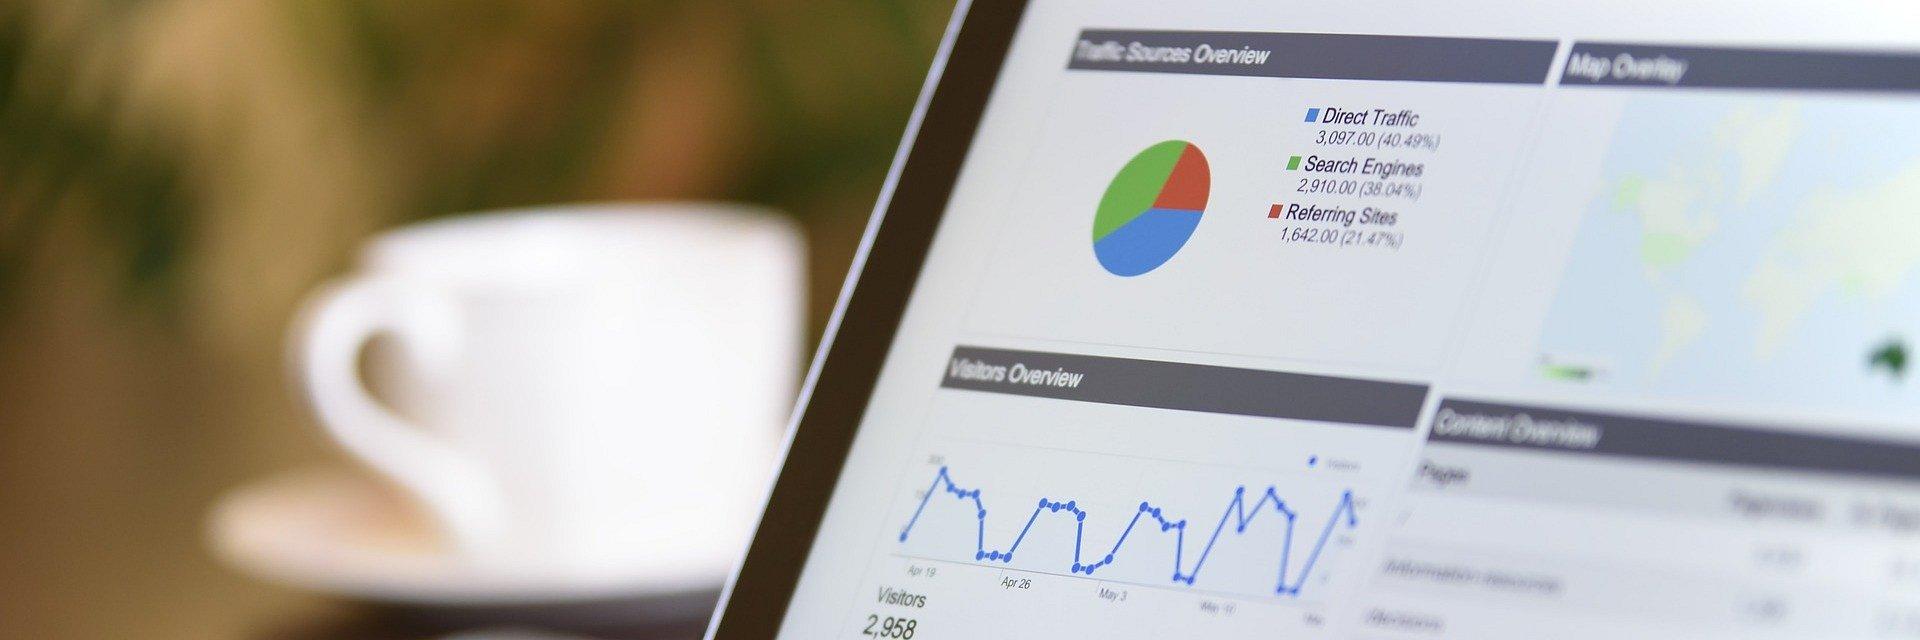 Wykorzystanie sztucznej inteligencji sekretem skutecznego digital marketingu